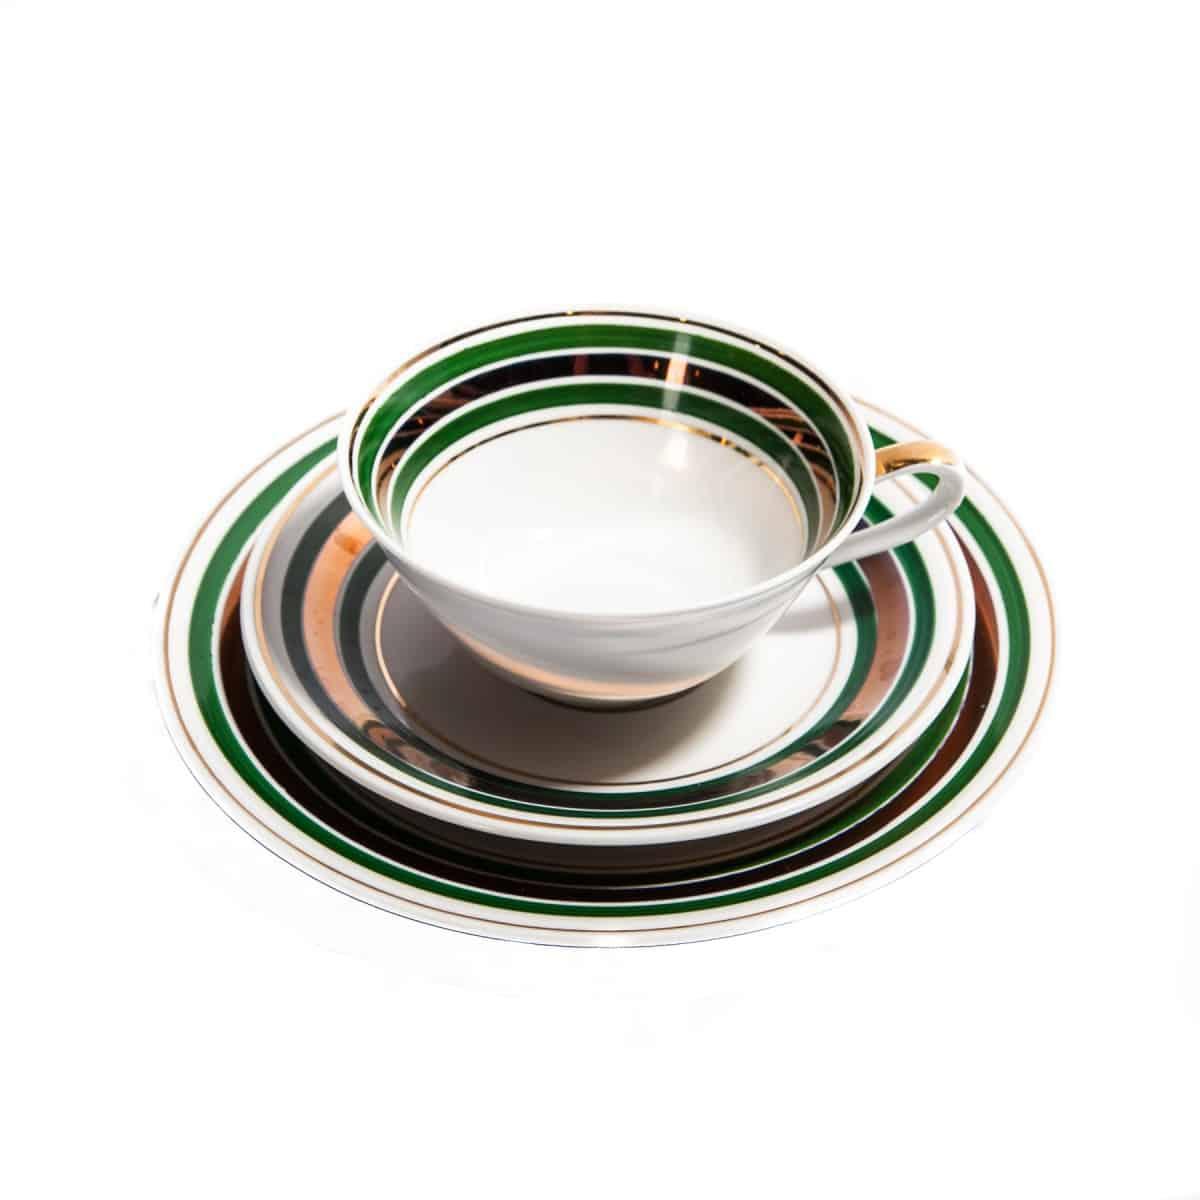 Чашка и два блюдца с зелеными и золотыми полосками